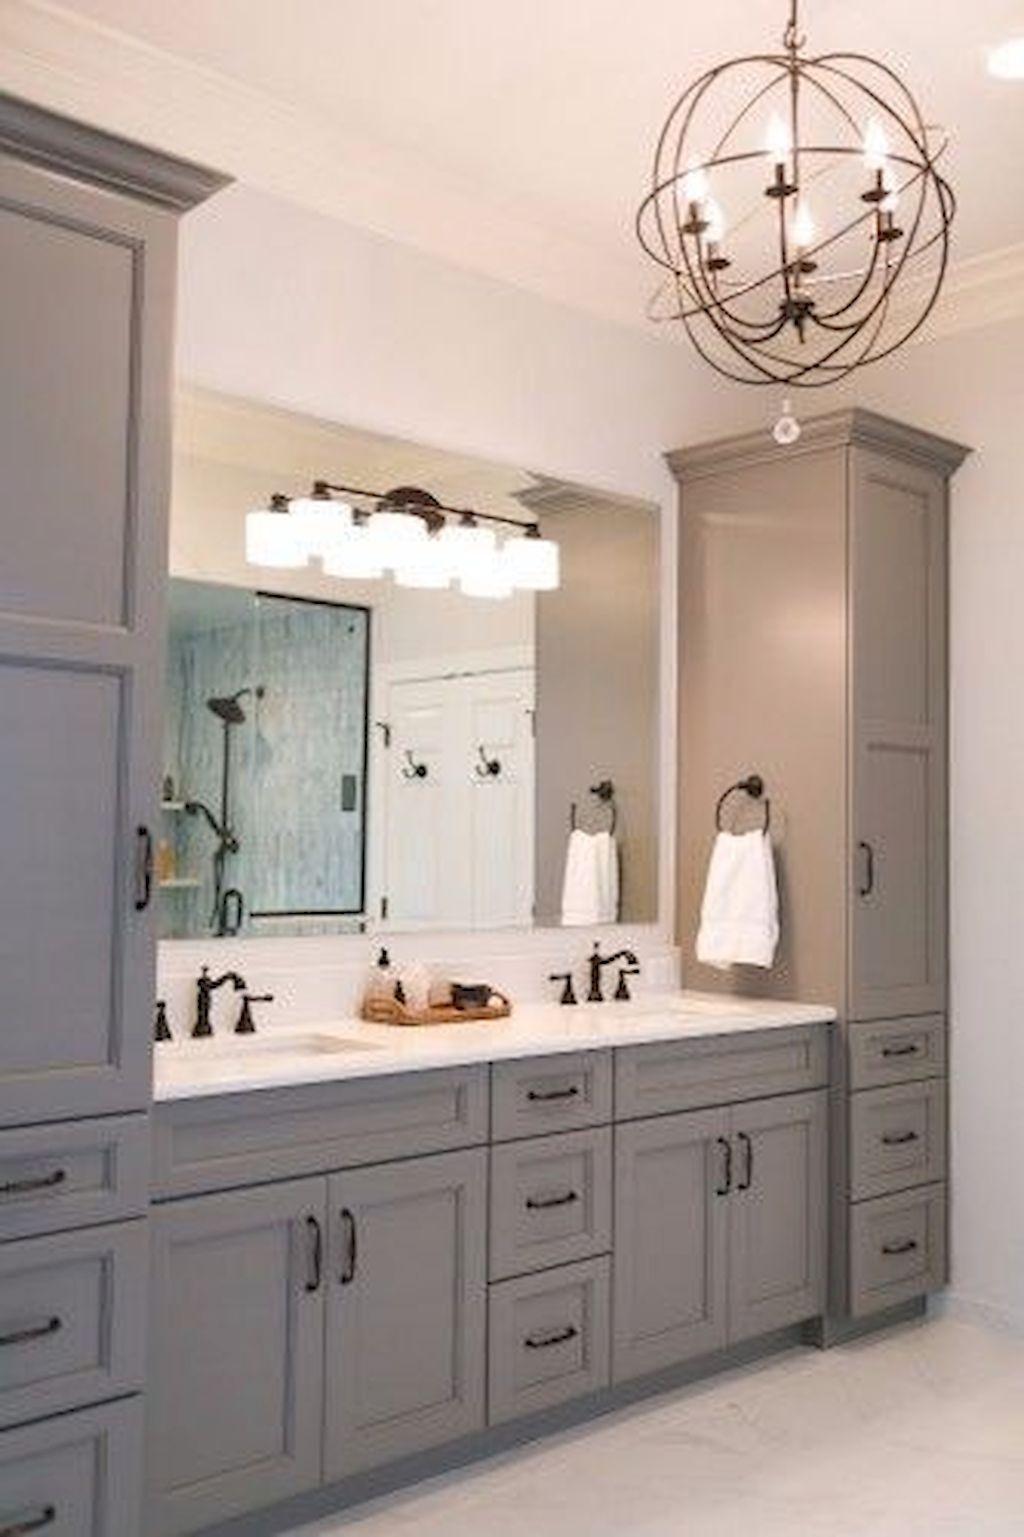 90 Best Lamp For Farmhouse Bathroom Lighting Ideas Bathroom Vanity Remodel Bathroom Vanity Designs Bathroom Remodel Master